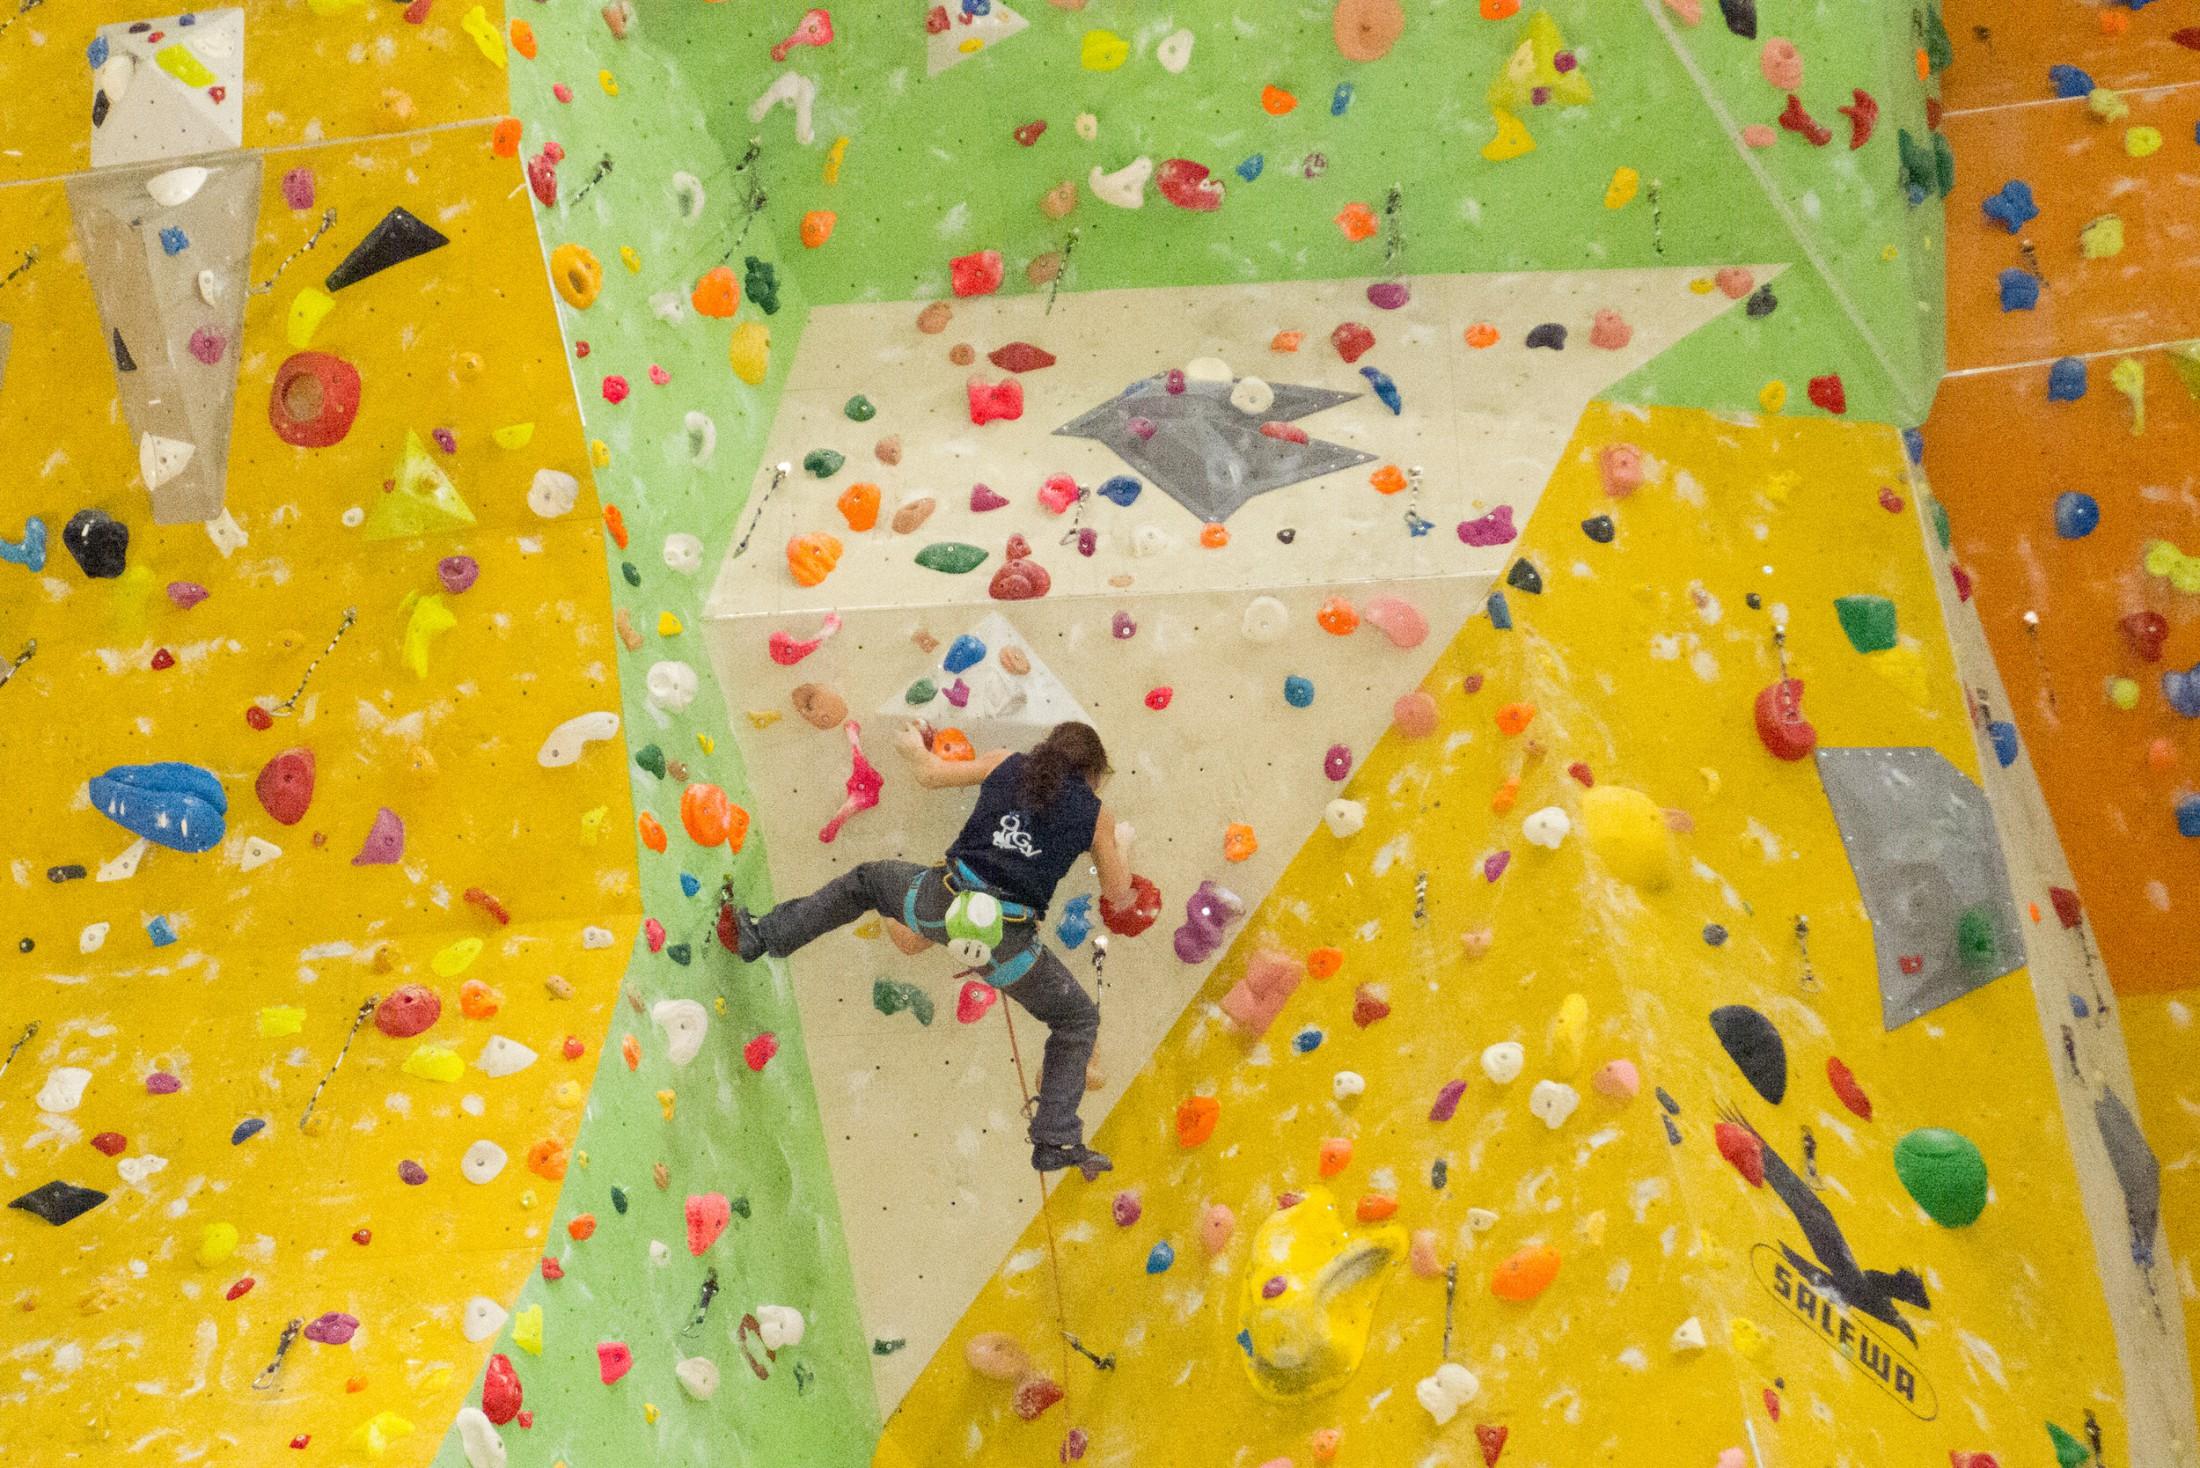 Podestplätze für das Climbing-Team